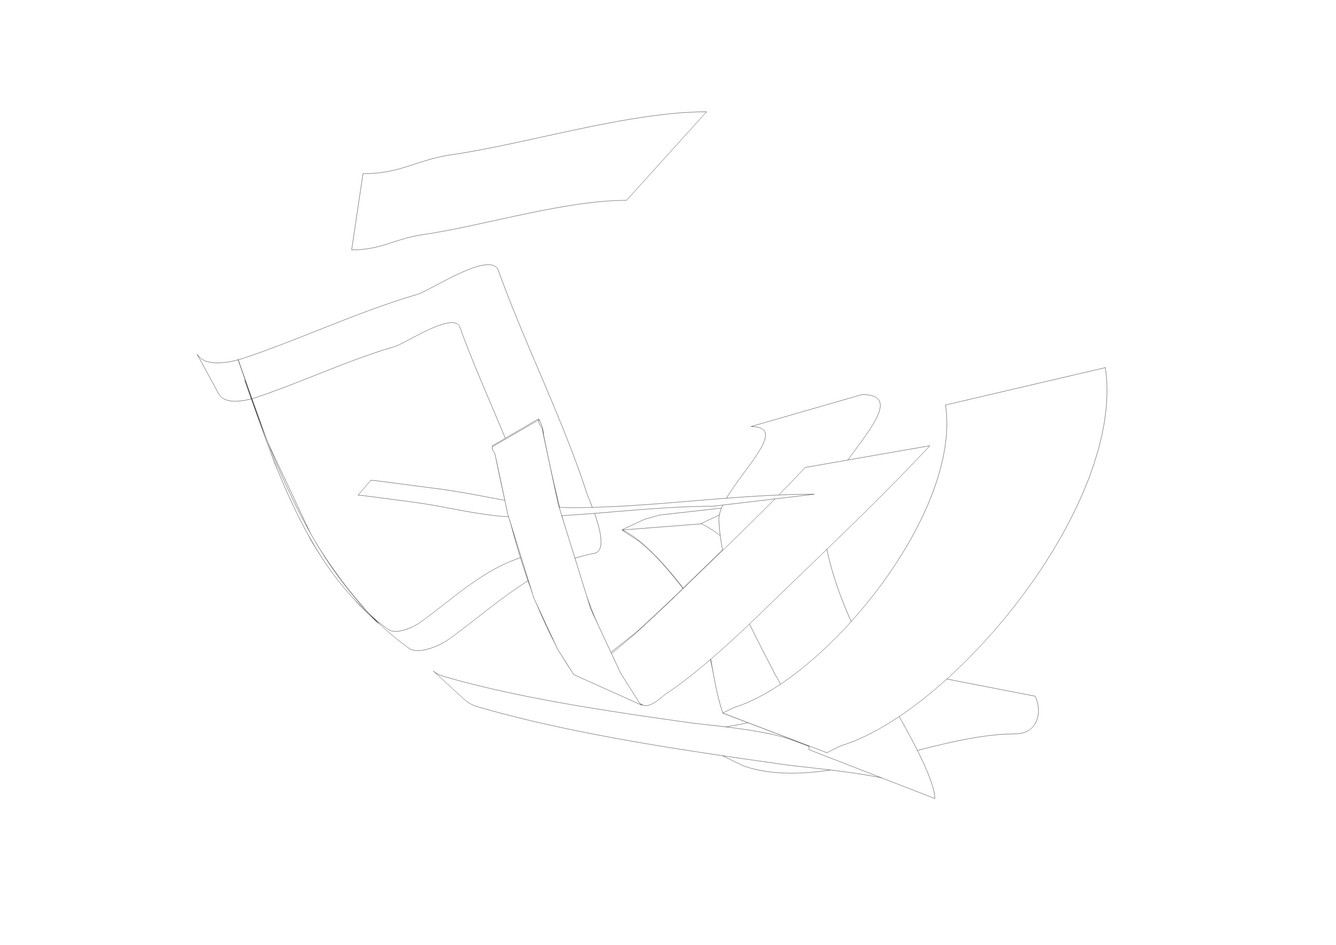 2016 dibujo digital 8.jpg